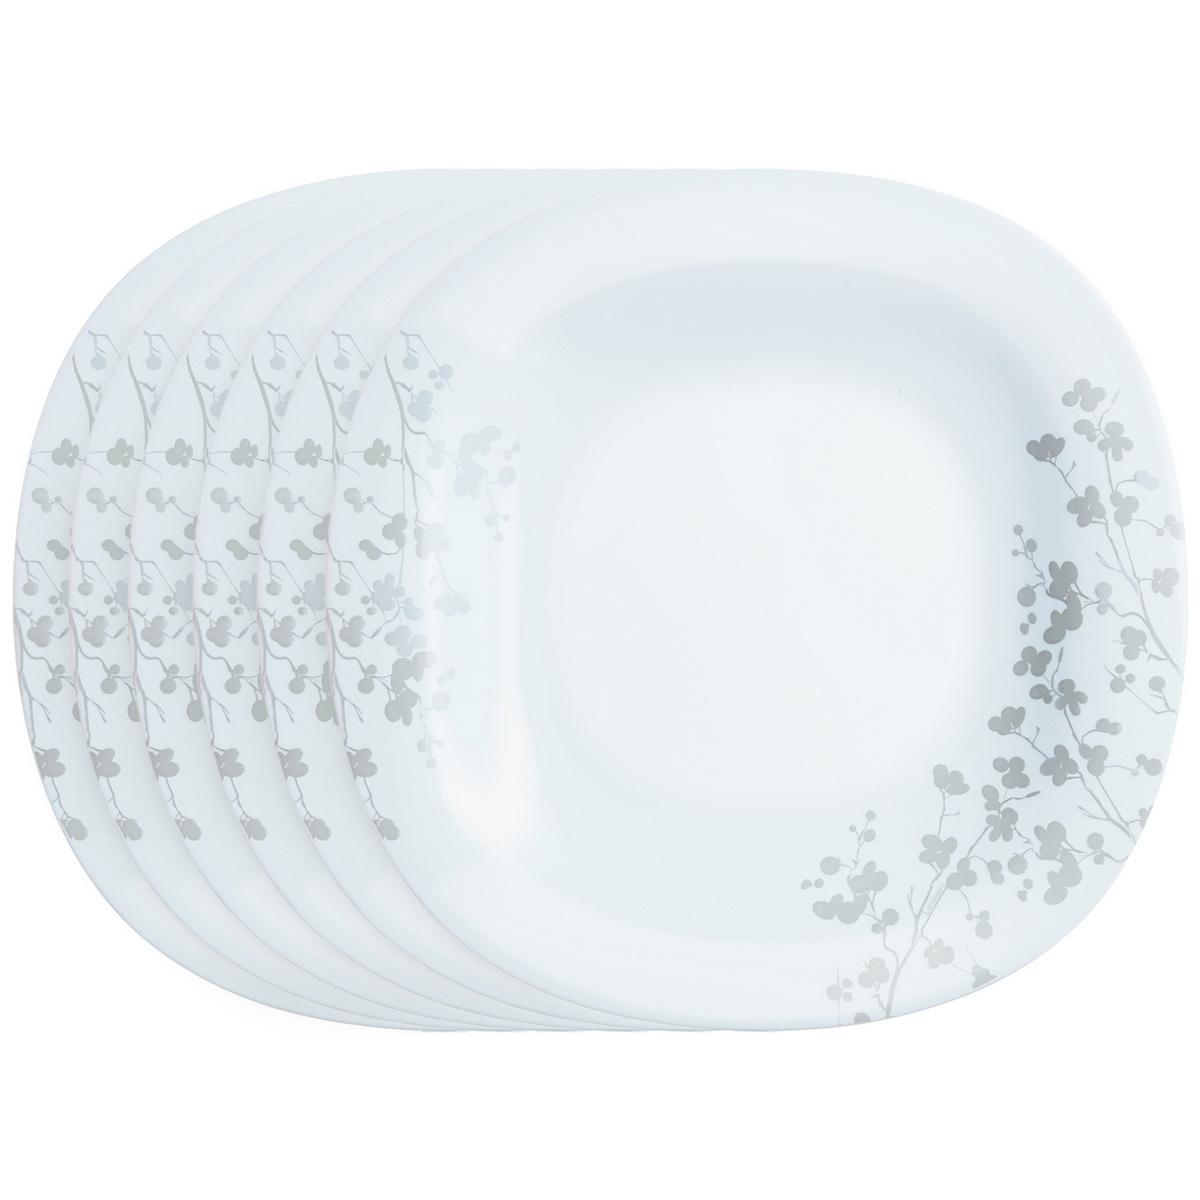 Luminarc Sada dezertních talířů Ombrelle 19 cm, 6 ks, bílá